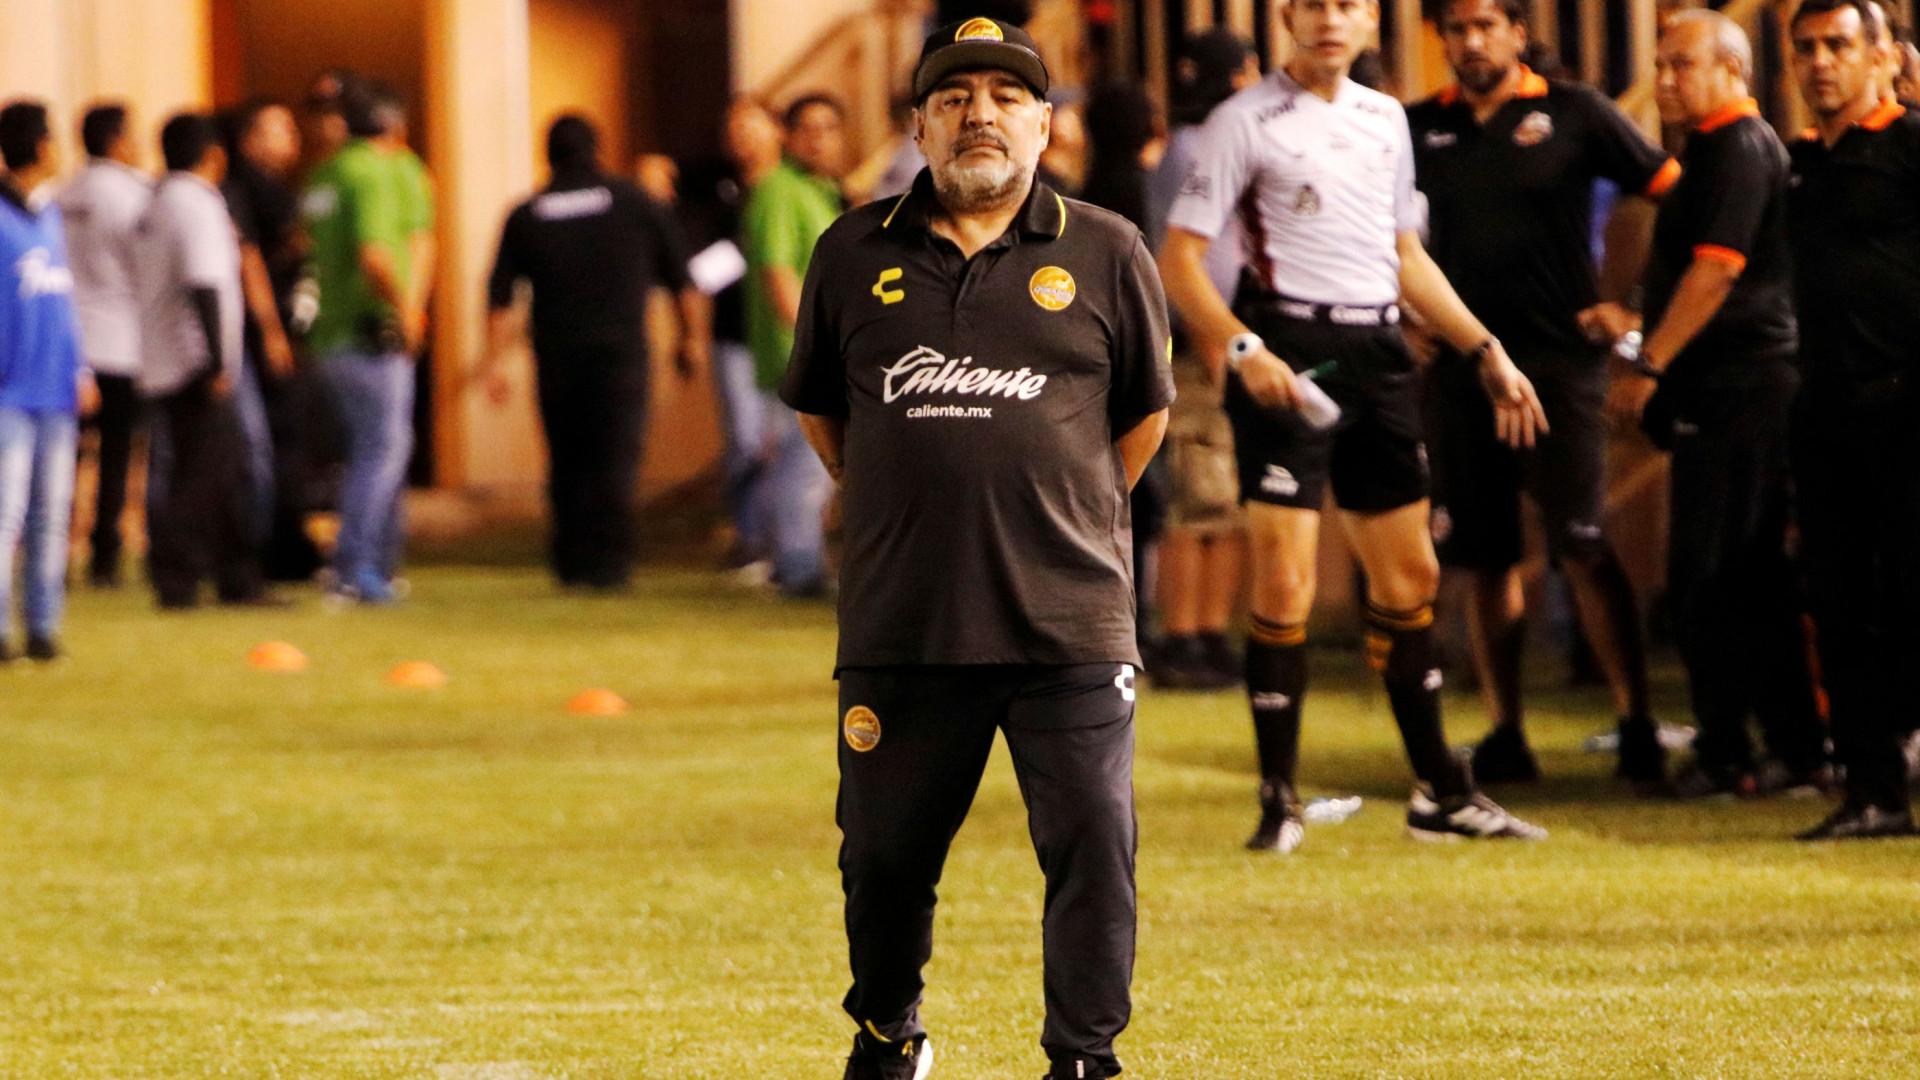 Maradona deixou a clínica onde foi operado no sábado